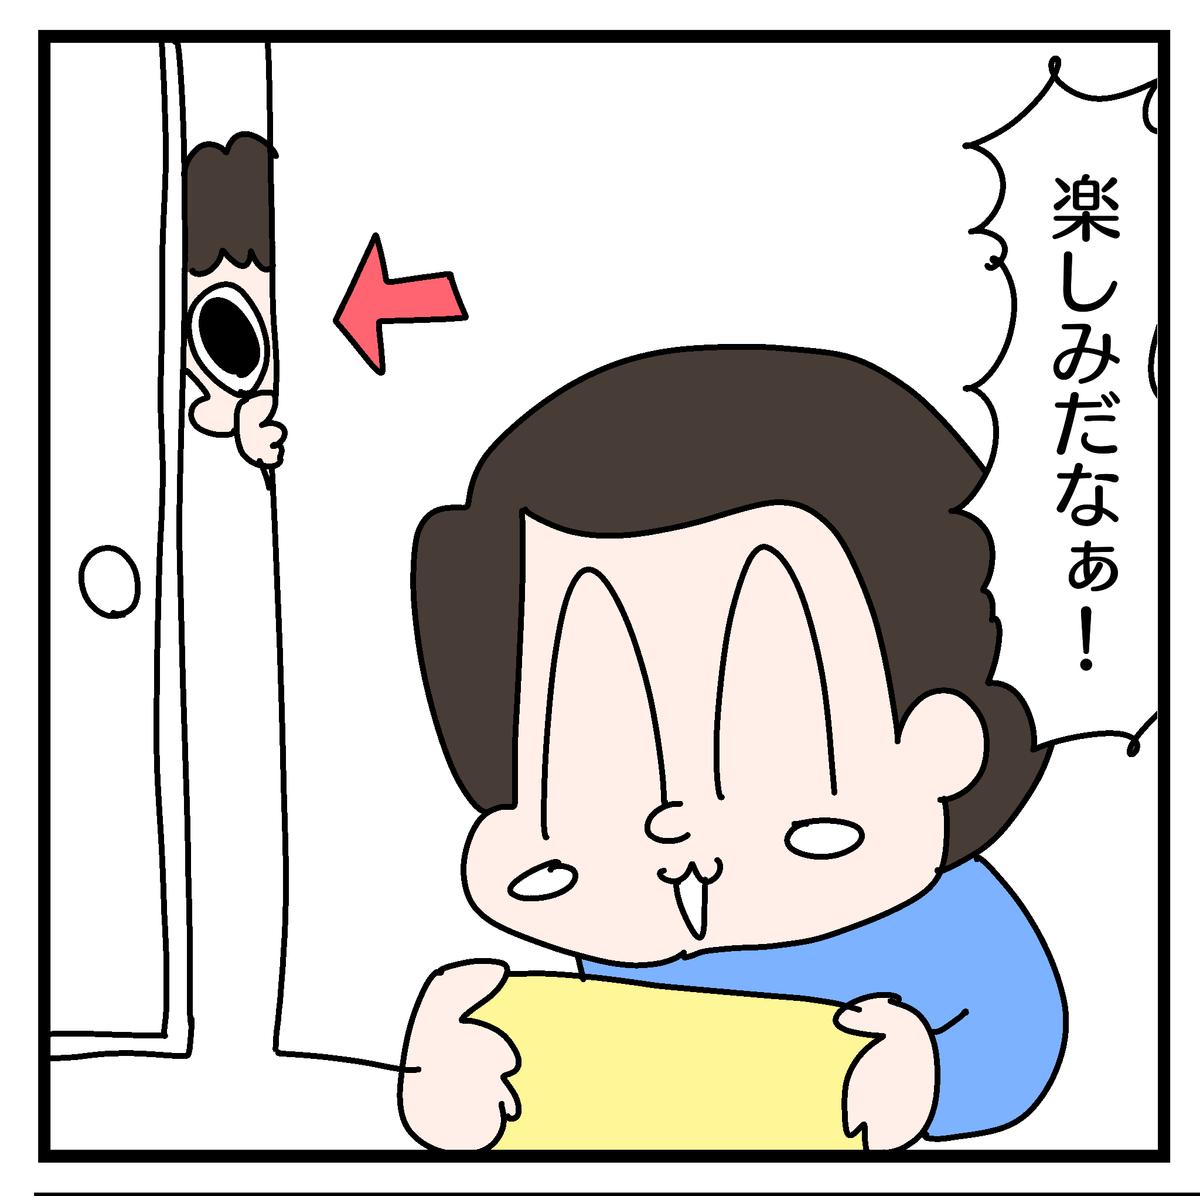 f:id:YuruFuwaTa:20200717100005p:plain